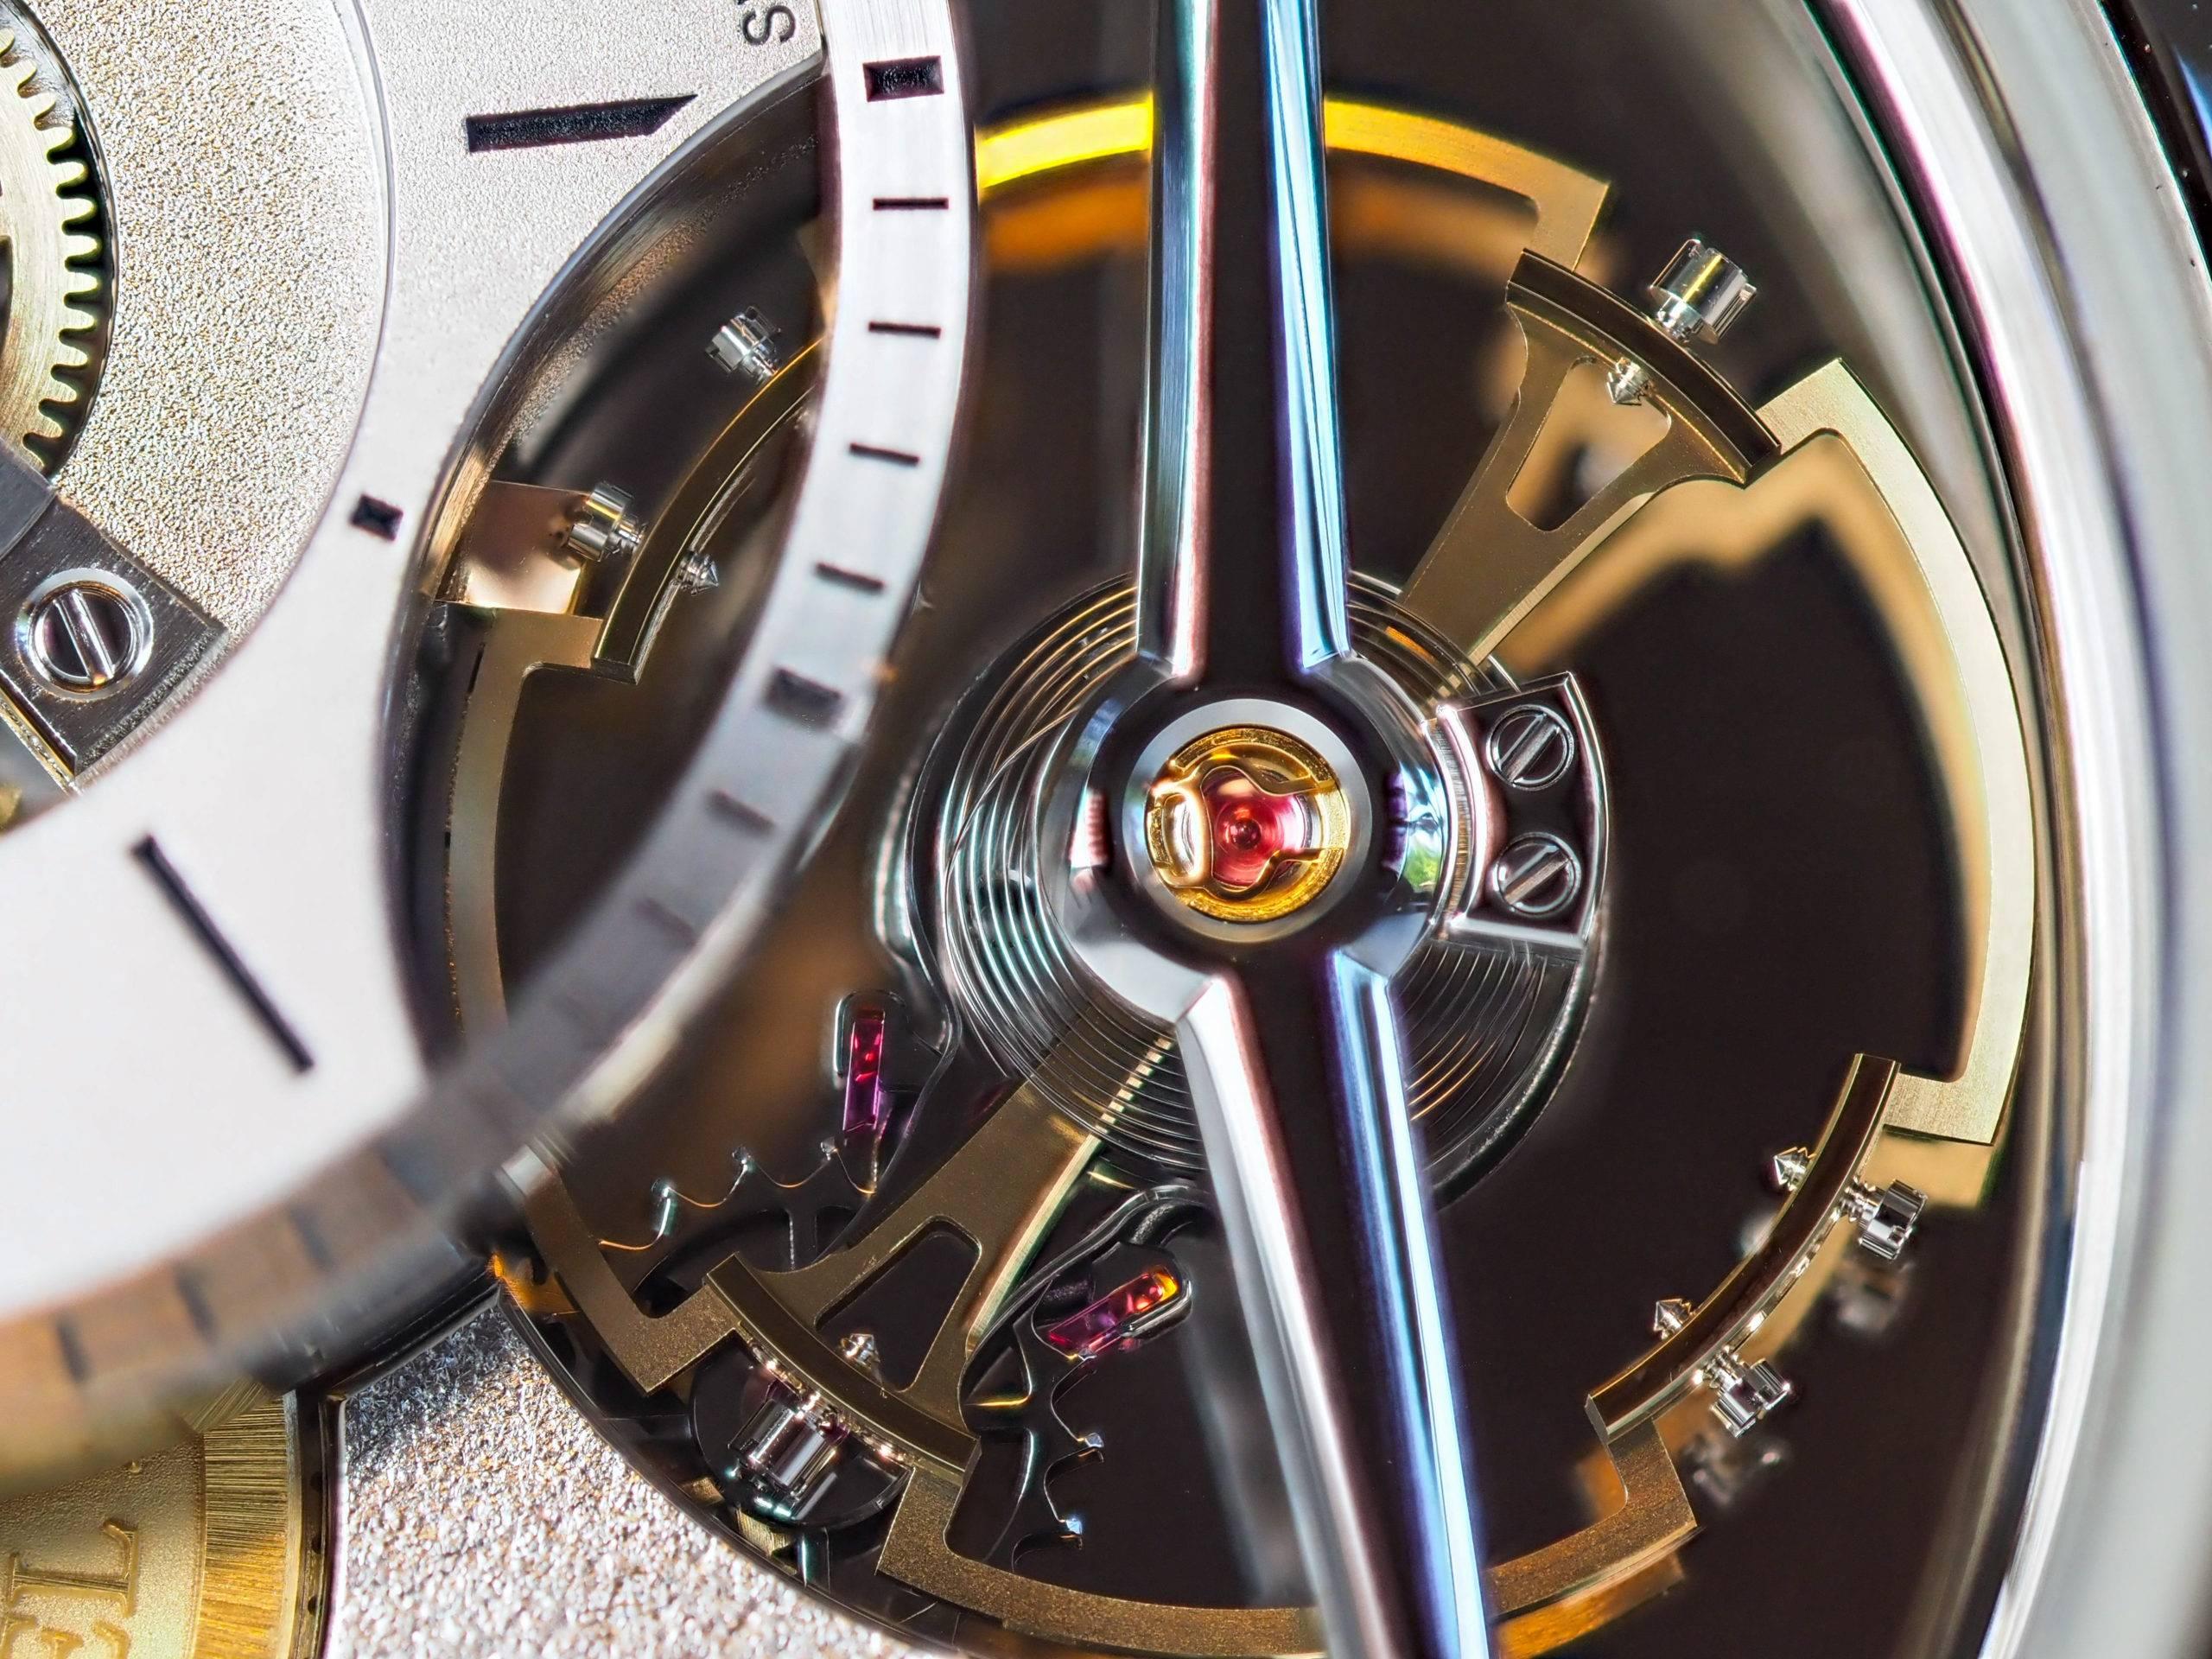 Greubel Forsey Balancier Contemporain Balance Wheel